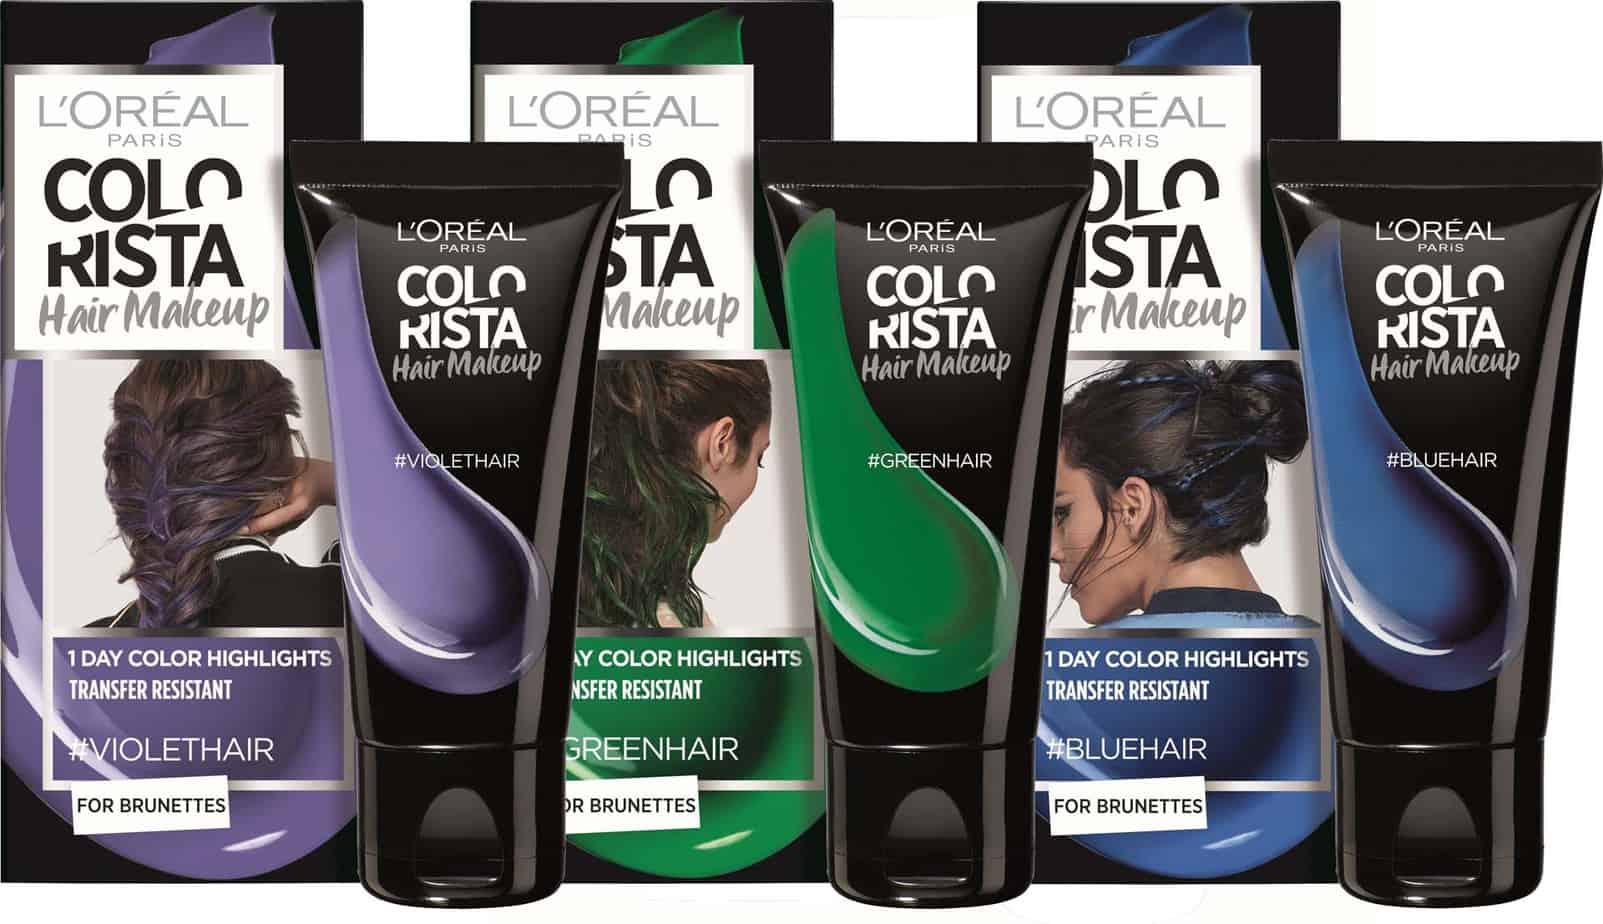 איפור לשיער ליום אחד, איפור שיער לפורים, COLORISTA Hair Makeup By L'OREAL PARIS, קולוריסטה ג'ל לשיער לוריאל פריז - 1 6